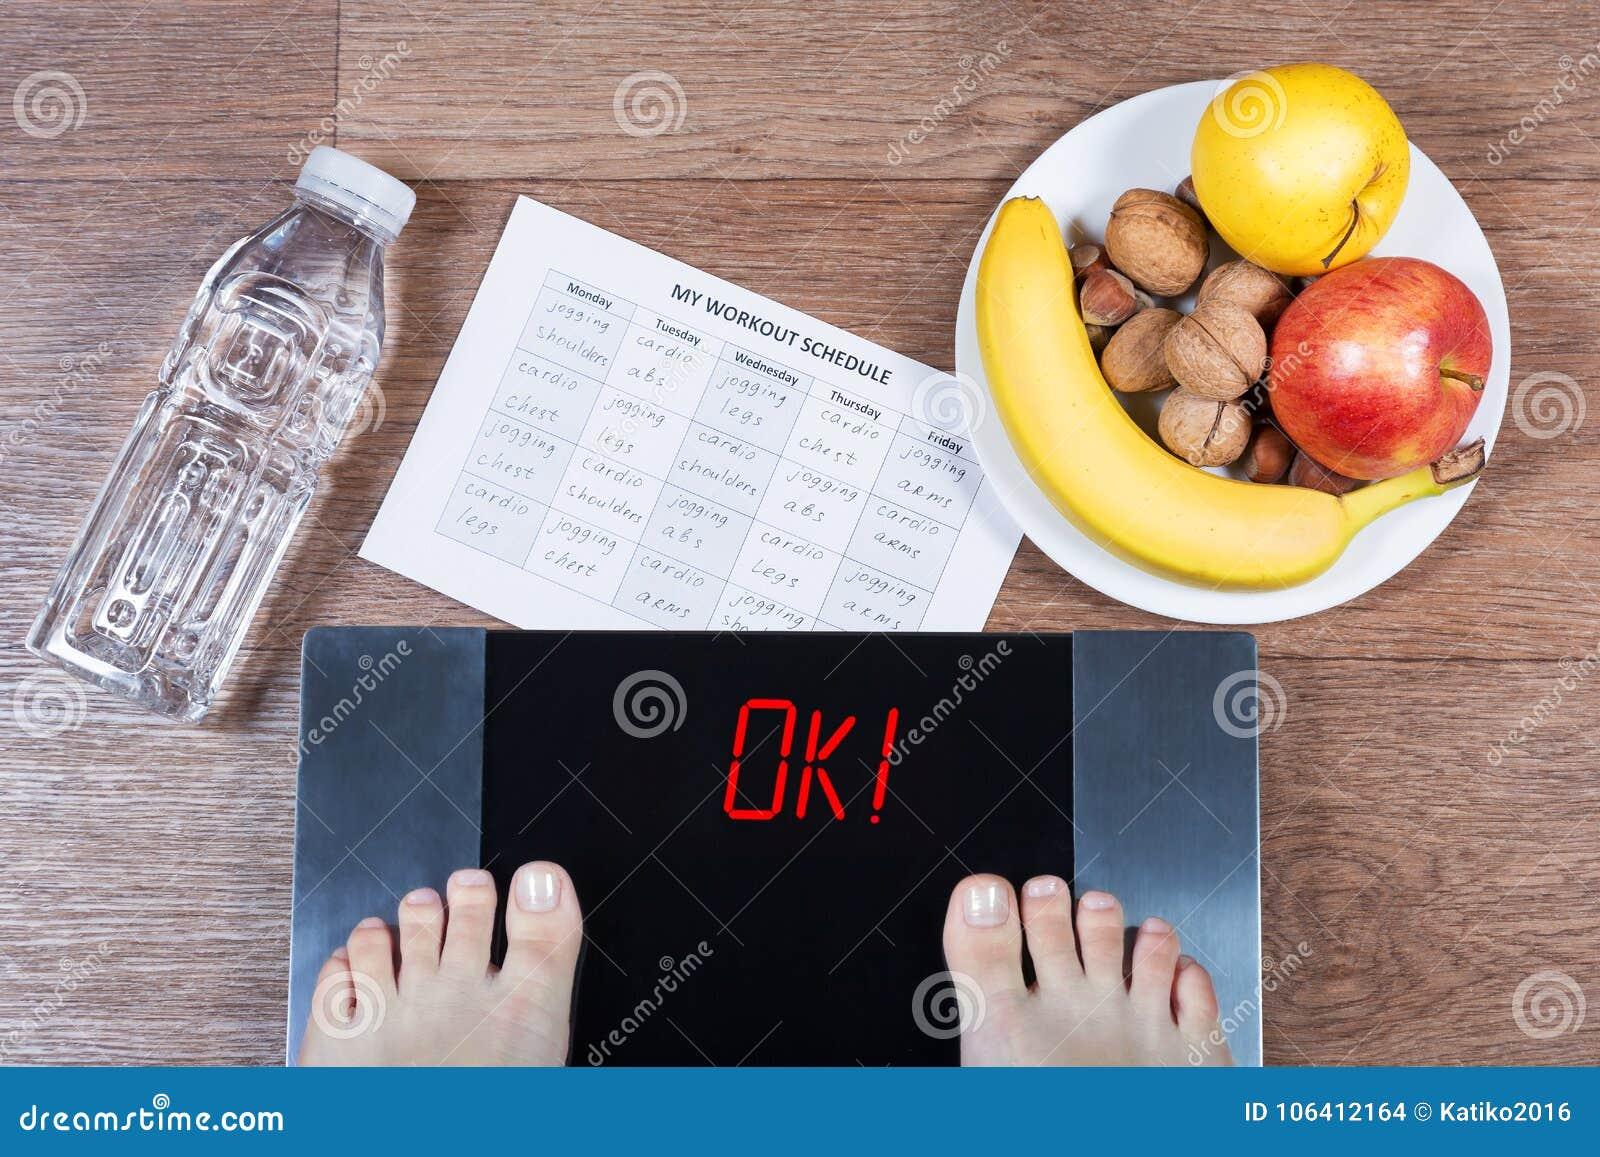 Θηλυκά πόδια στις ψηφιακές κλίμακες με τη λέξη που περιβάλλονται εντάξει από το μπουκάλι νερό, το πιάτο με τα υγιή τρόφιμα και wo